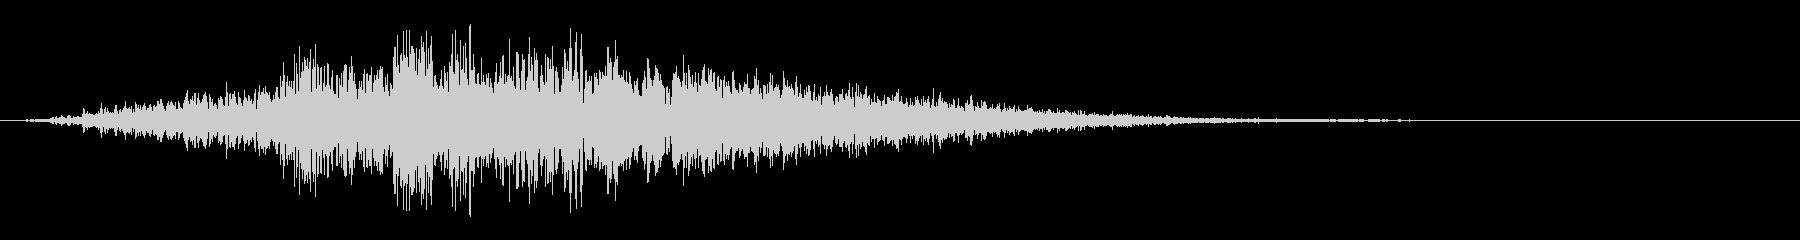 悲鳴の叫び声1の未再生の波形